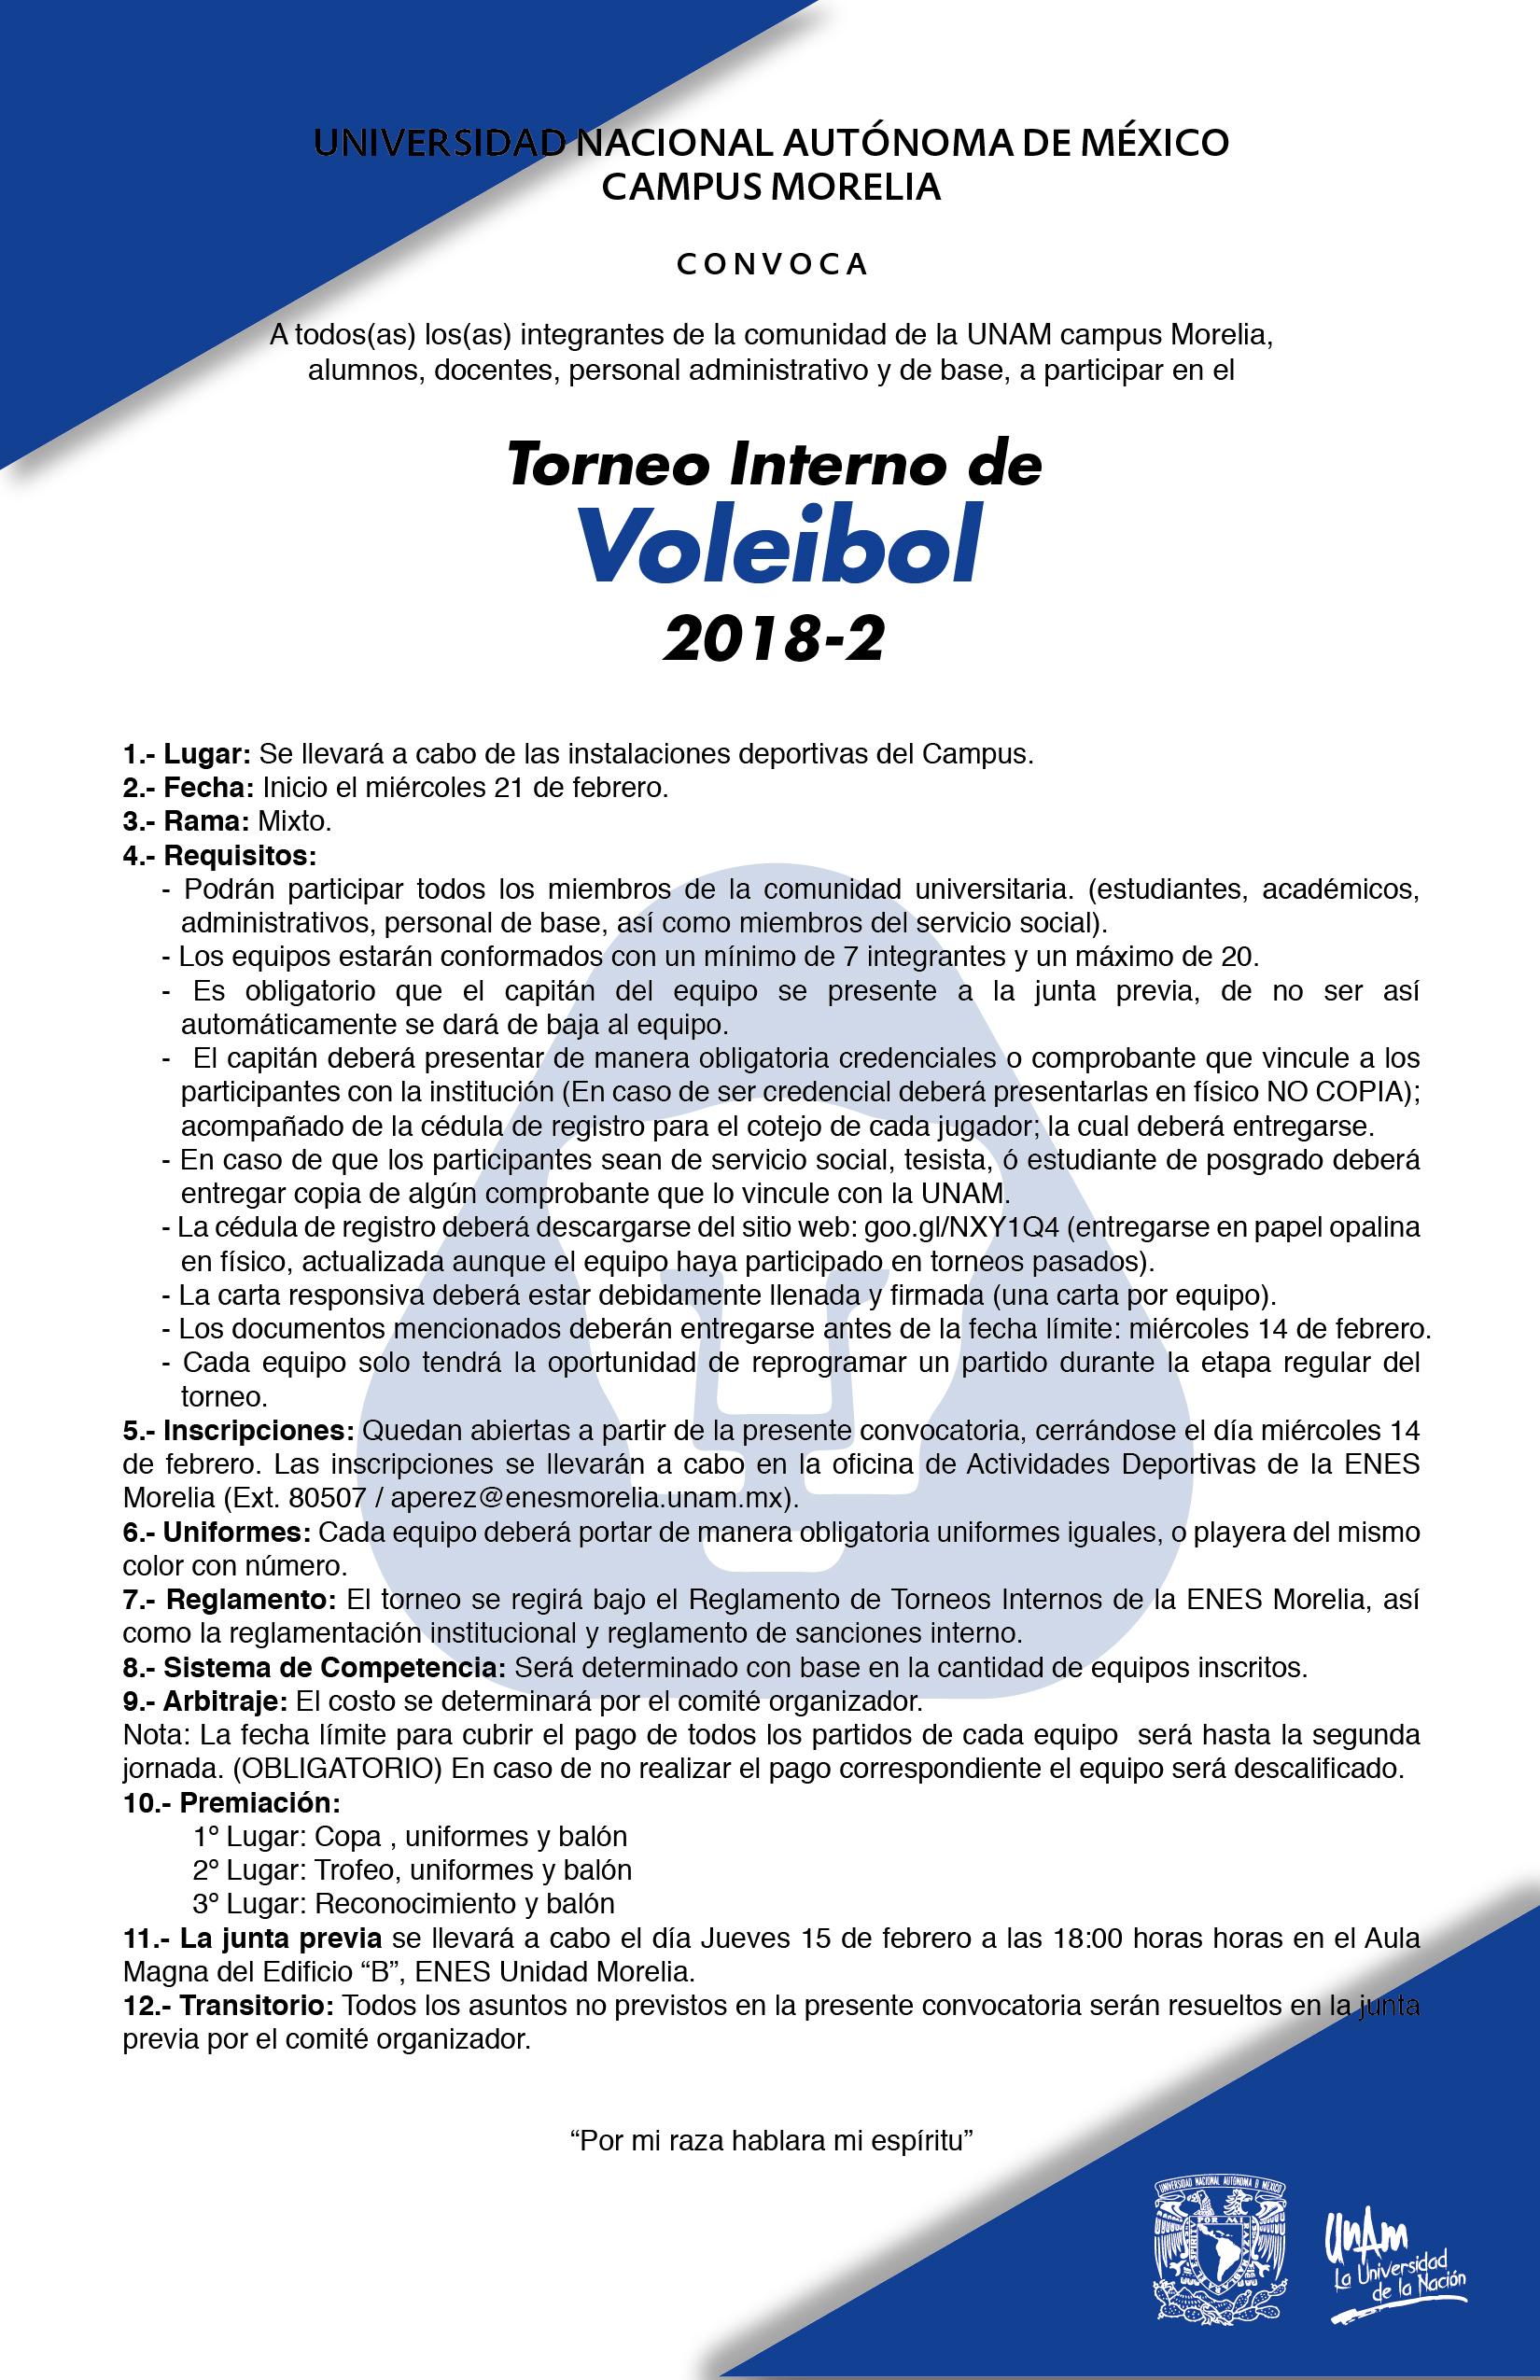 convocatoria-deportivas-2018-2-03